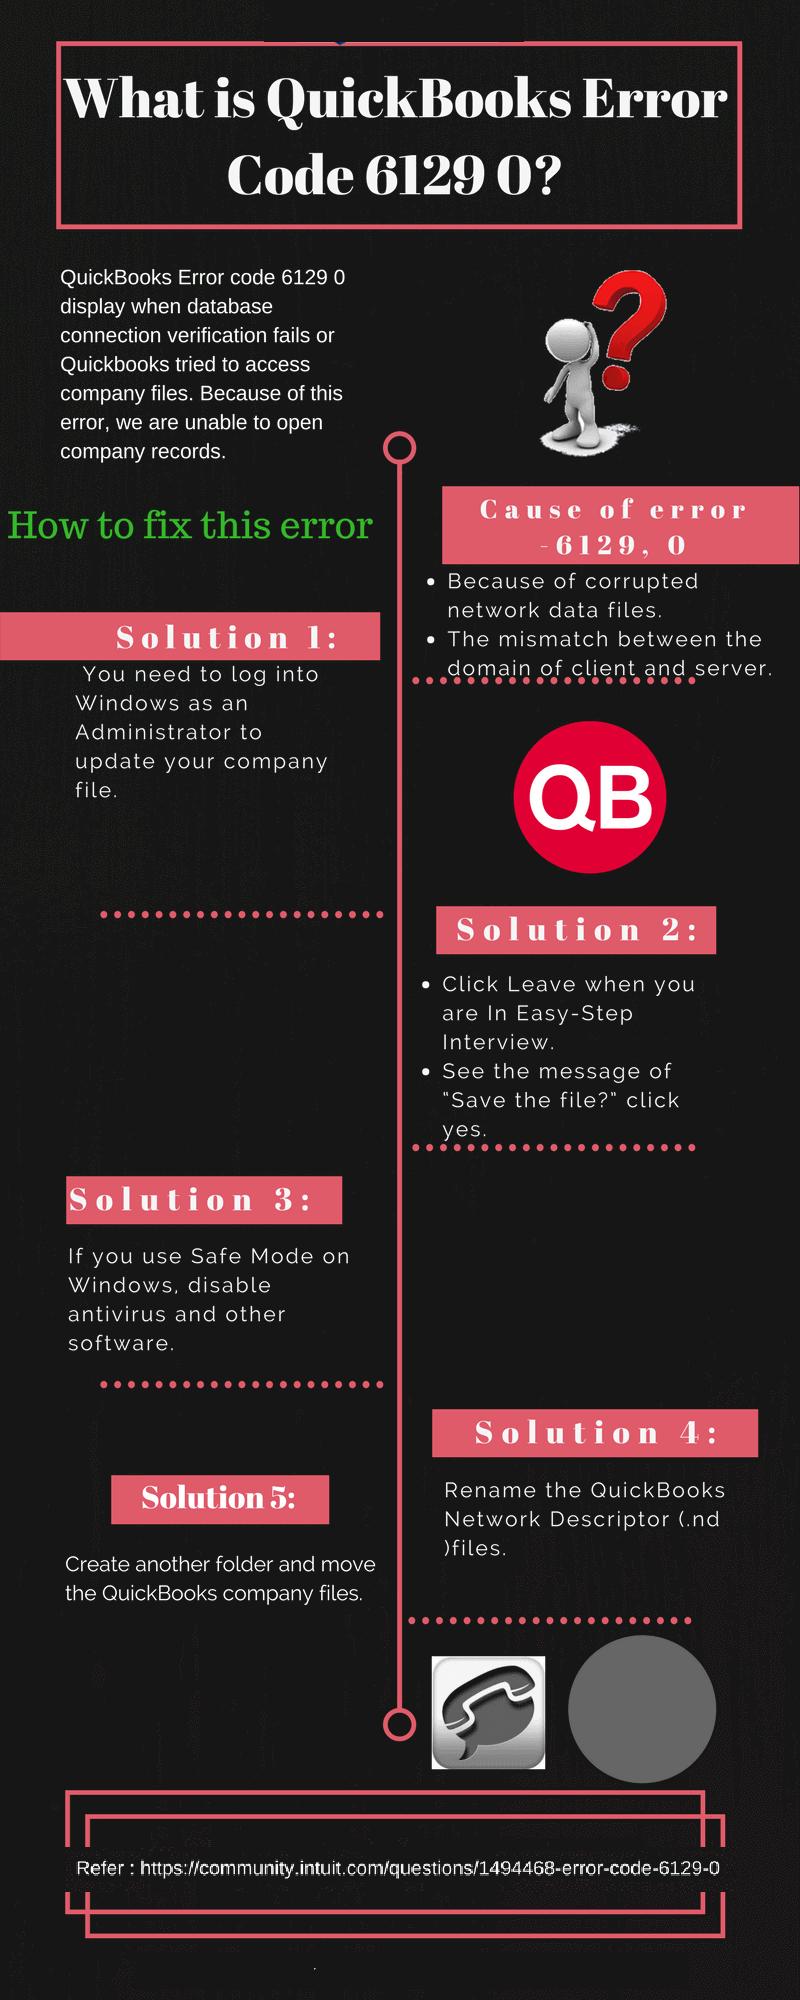 Fixation of QuickBooks Error Code 6147, 0 - Infographic Image